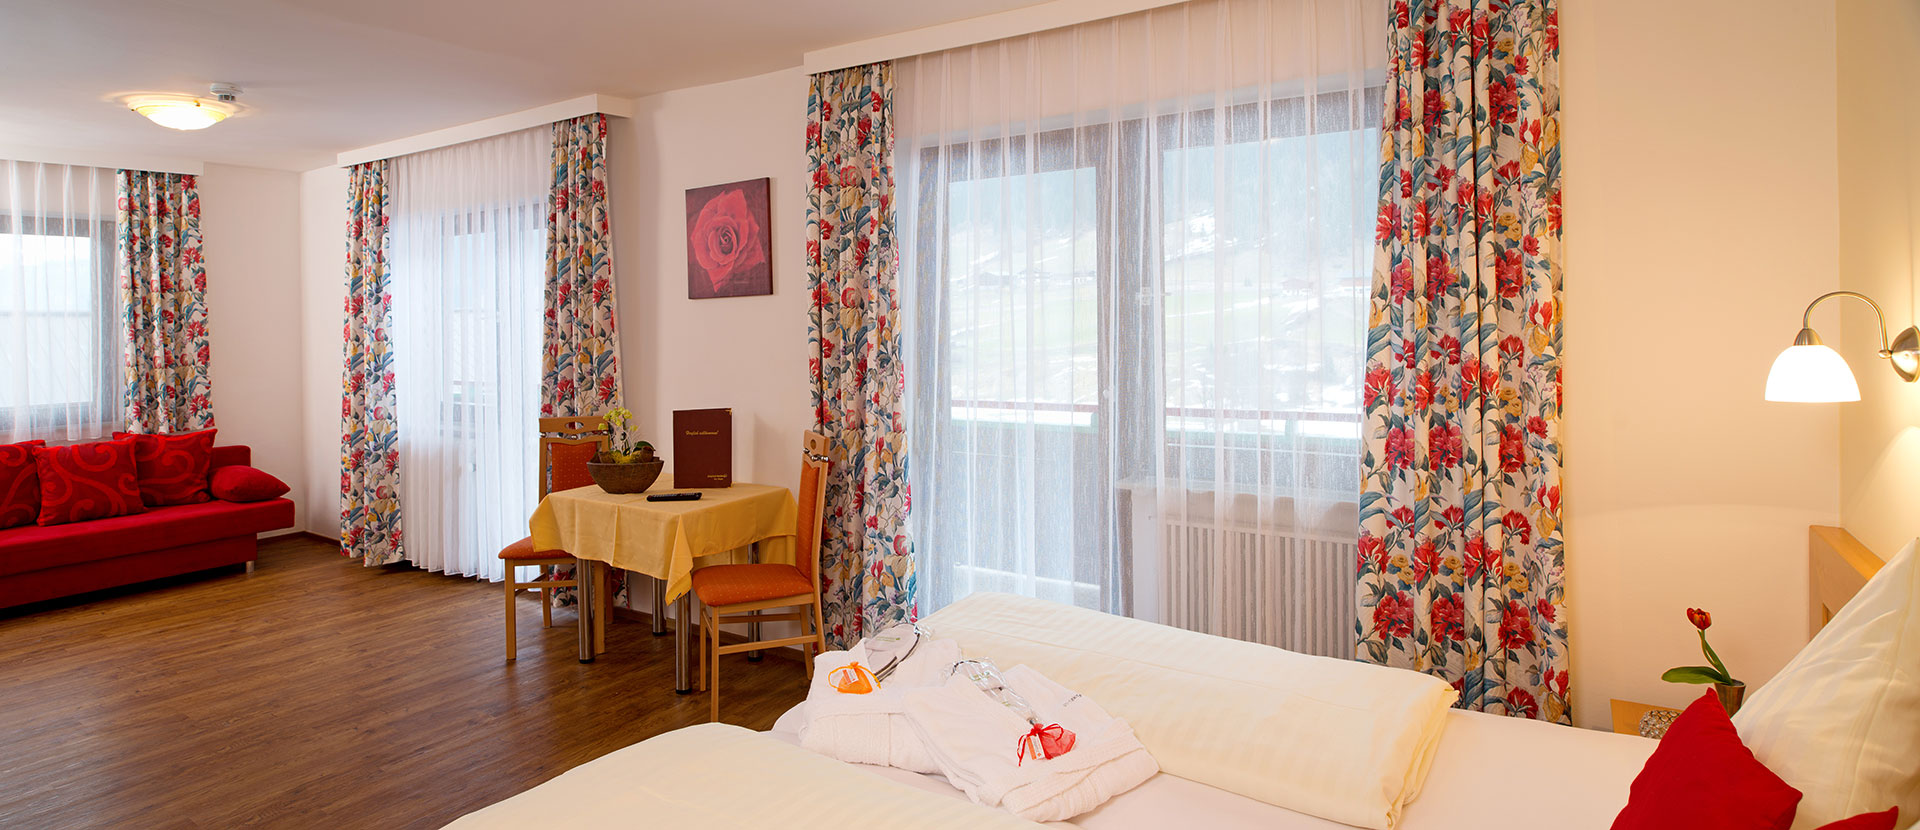 Classiczimmer - Der Stieglerhof - Zimmer in Radstadt